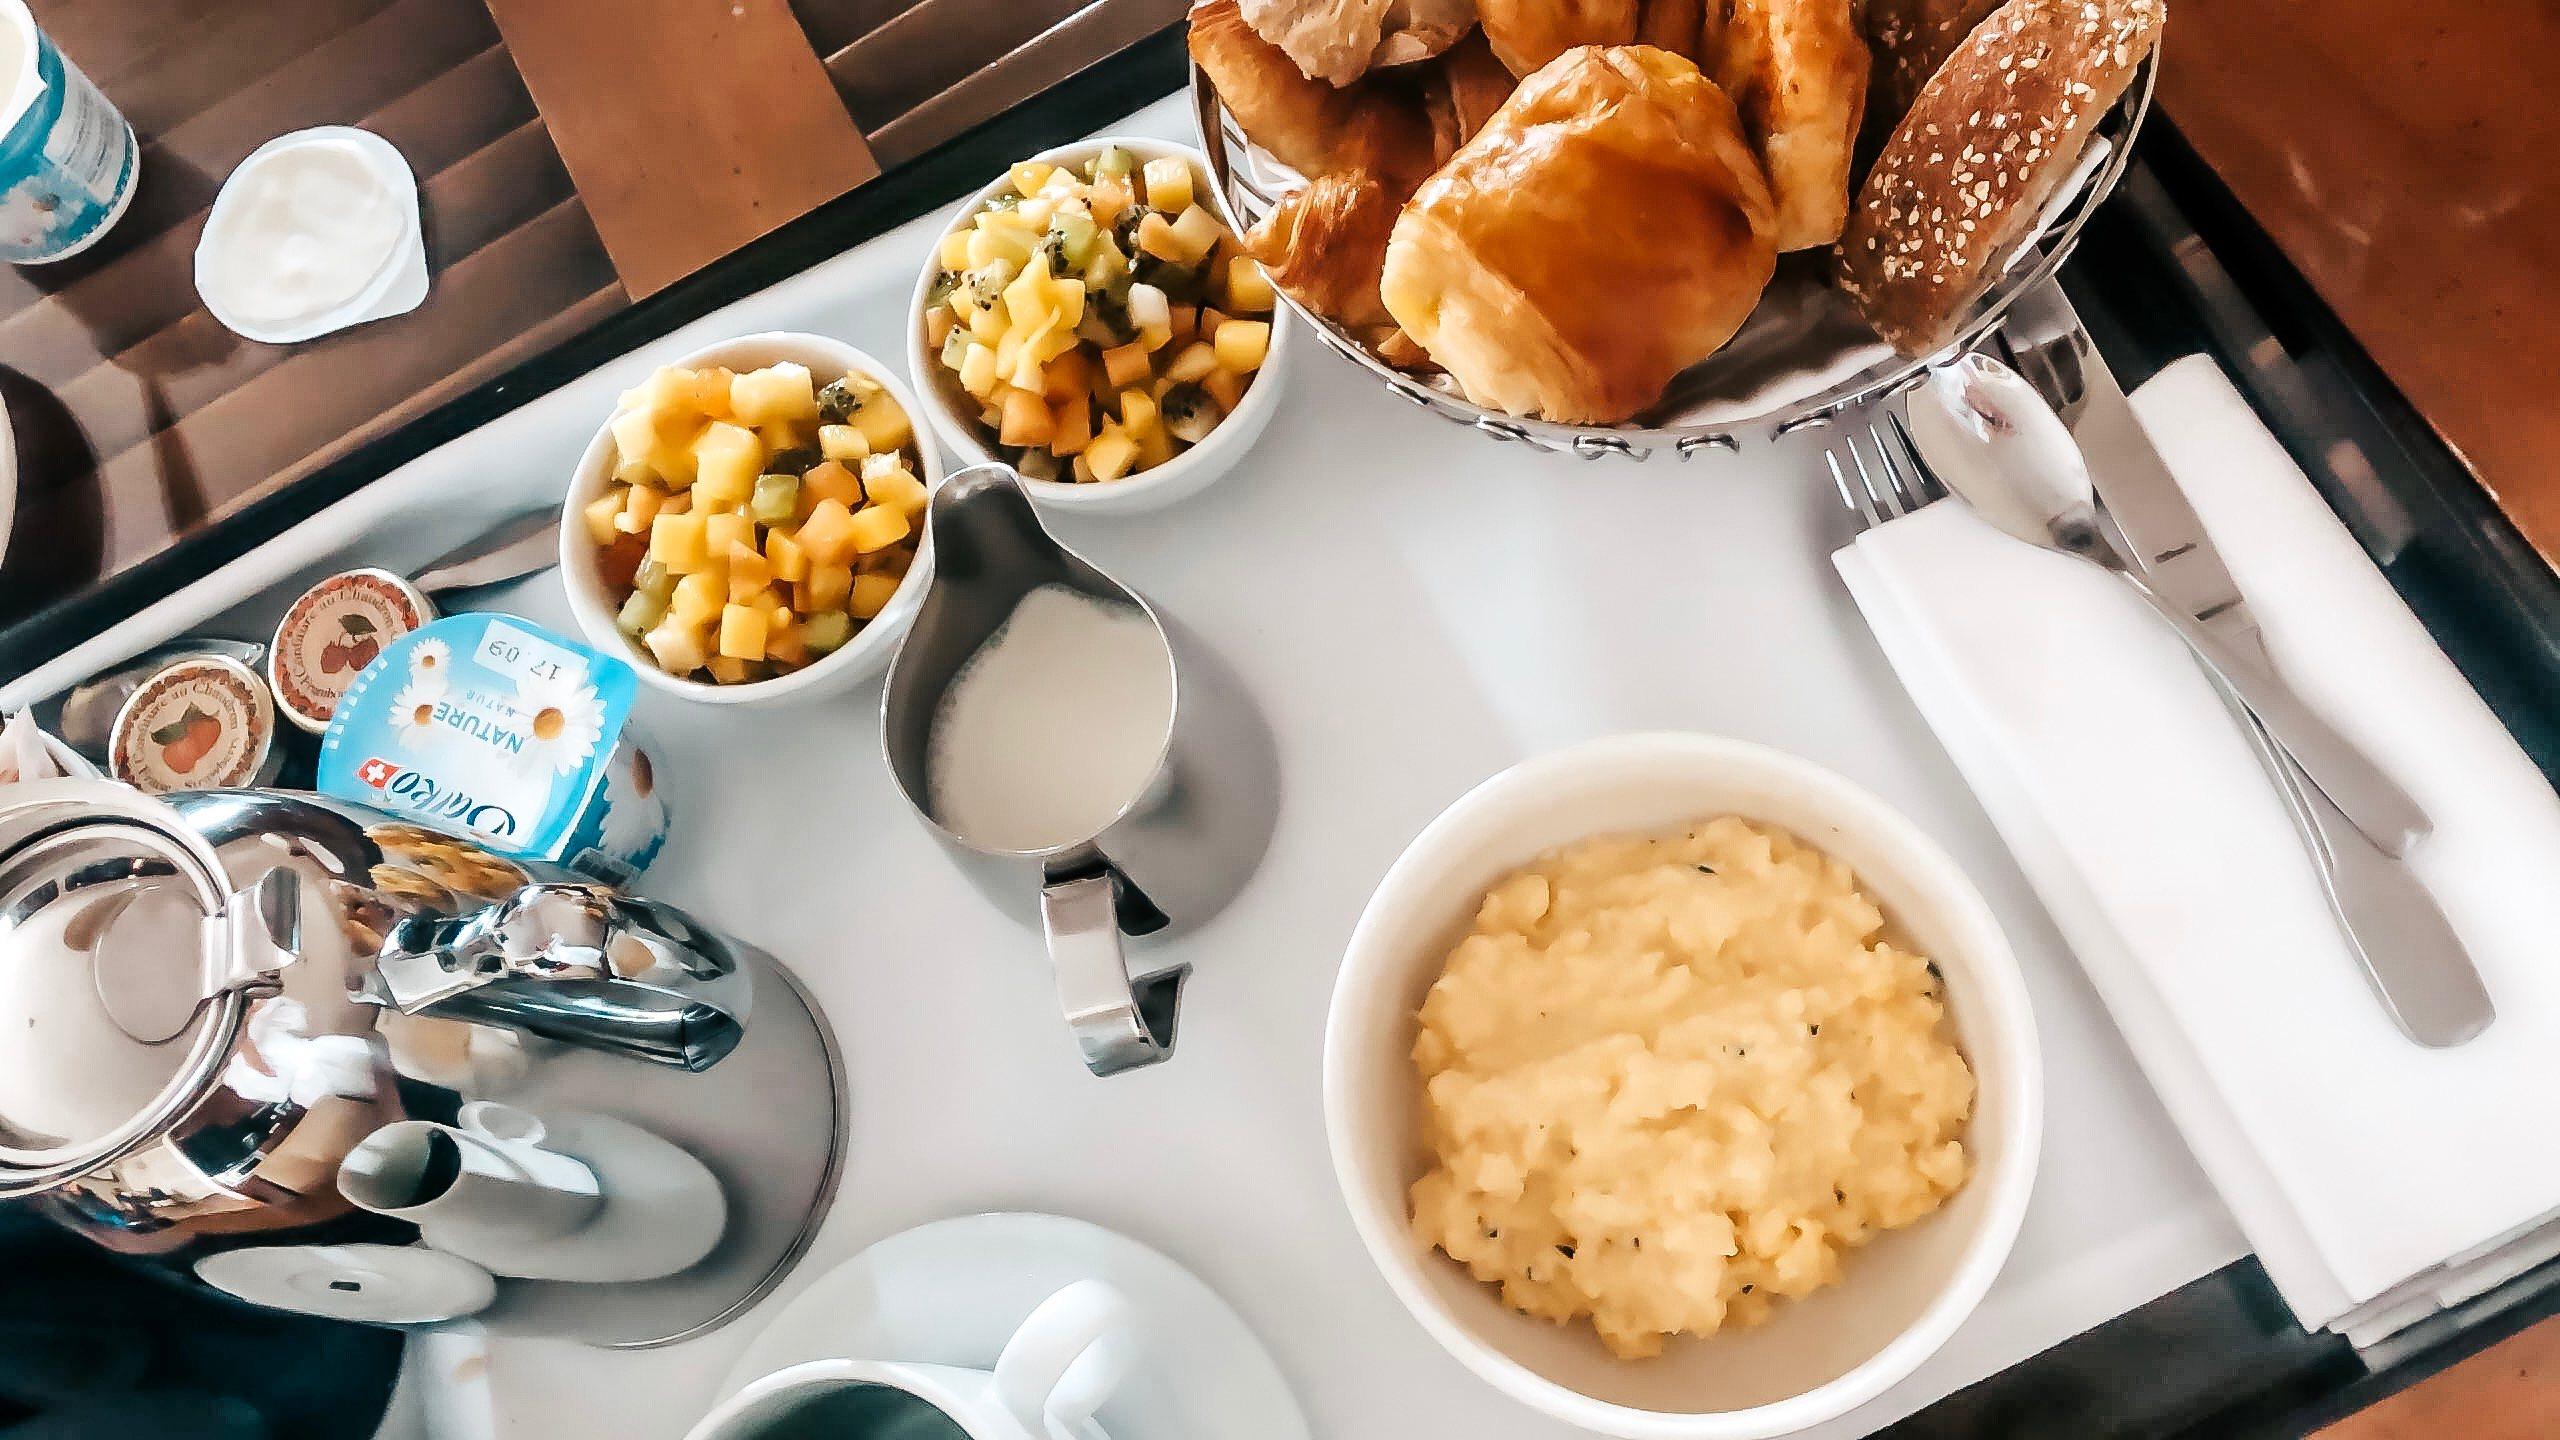 aamiainen-huoneeseen-geneva-jarvi